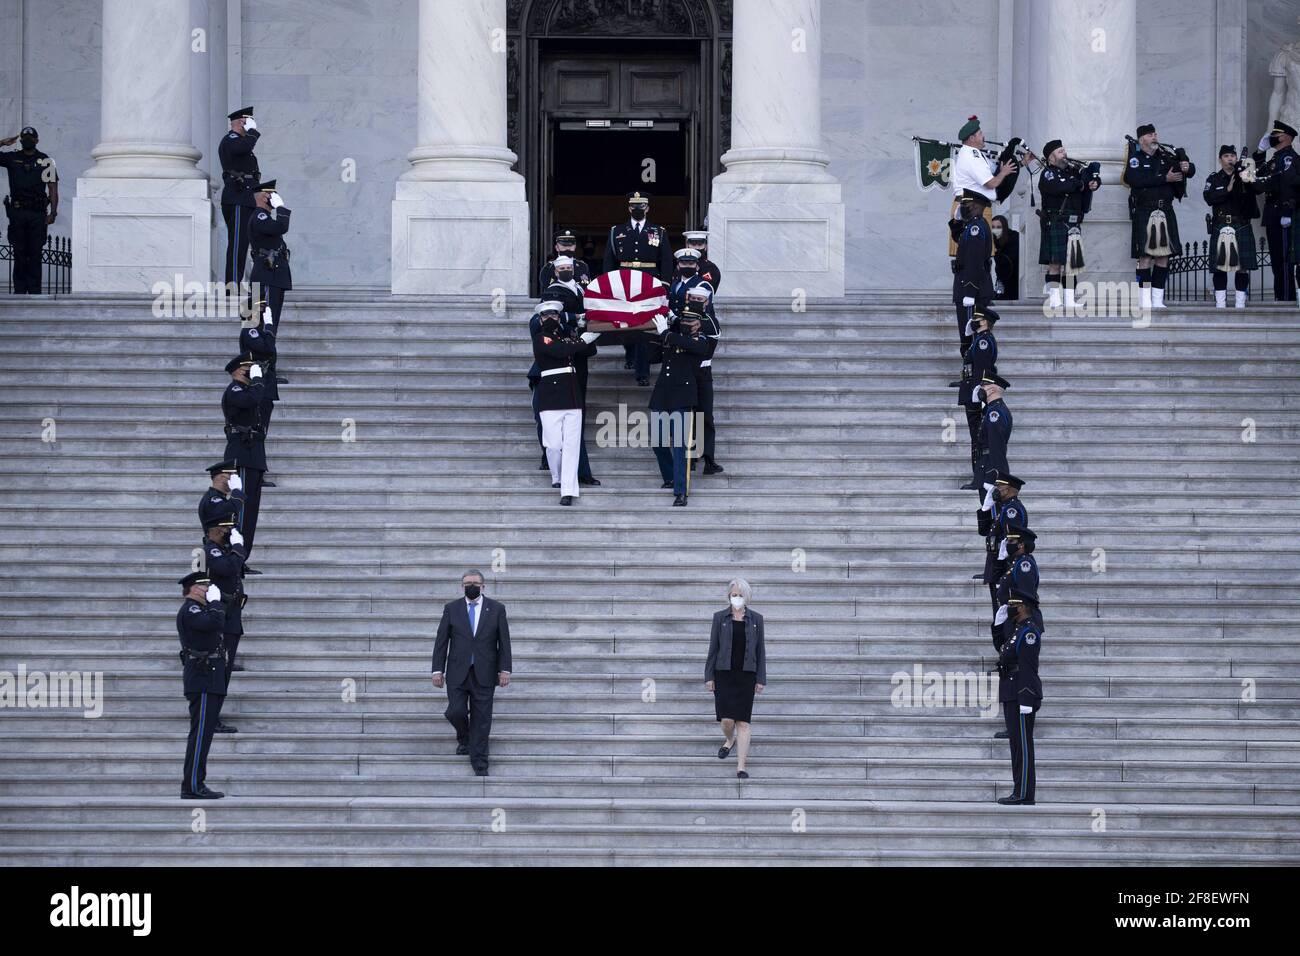 Il cazzo dell'ufficiale della polizia del Campidoglio americano William Evans è portato da una guardia d'onore del servizio congiunto lungo i gradini del fronte est del Campidoglio degli Stati Uniti dopo essere stato in onore nella Capitol Rotunda, a Washington, DC, USA, il 13 aprile 2021. Una 'tributa e la cerimonia di menzogna in onore' si è svolta per l'ufficiale Evans, che è stato ucciso e un altro ufficiale ferito nella linea di servizio quando un sospetto ha fatto scalzare un veicolo all'entrata nord del Campidoglio, il 02 aprile. Foto di Michael Reynolds/piscina/ABACAPRESS.COM Foto Stock